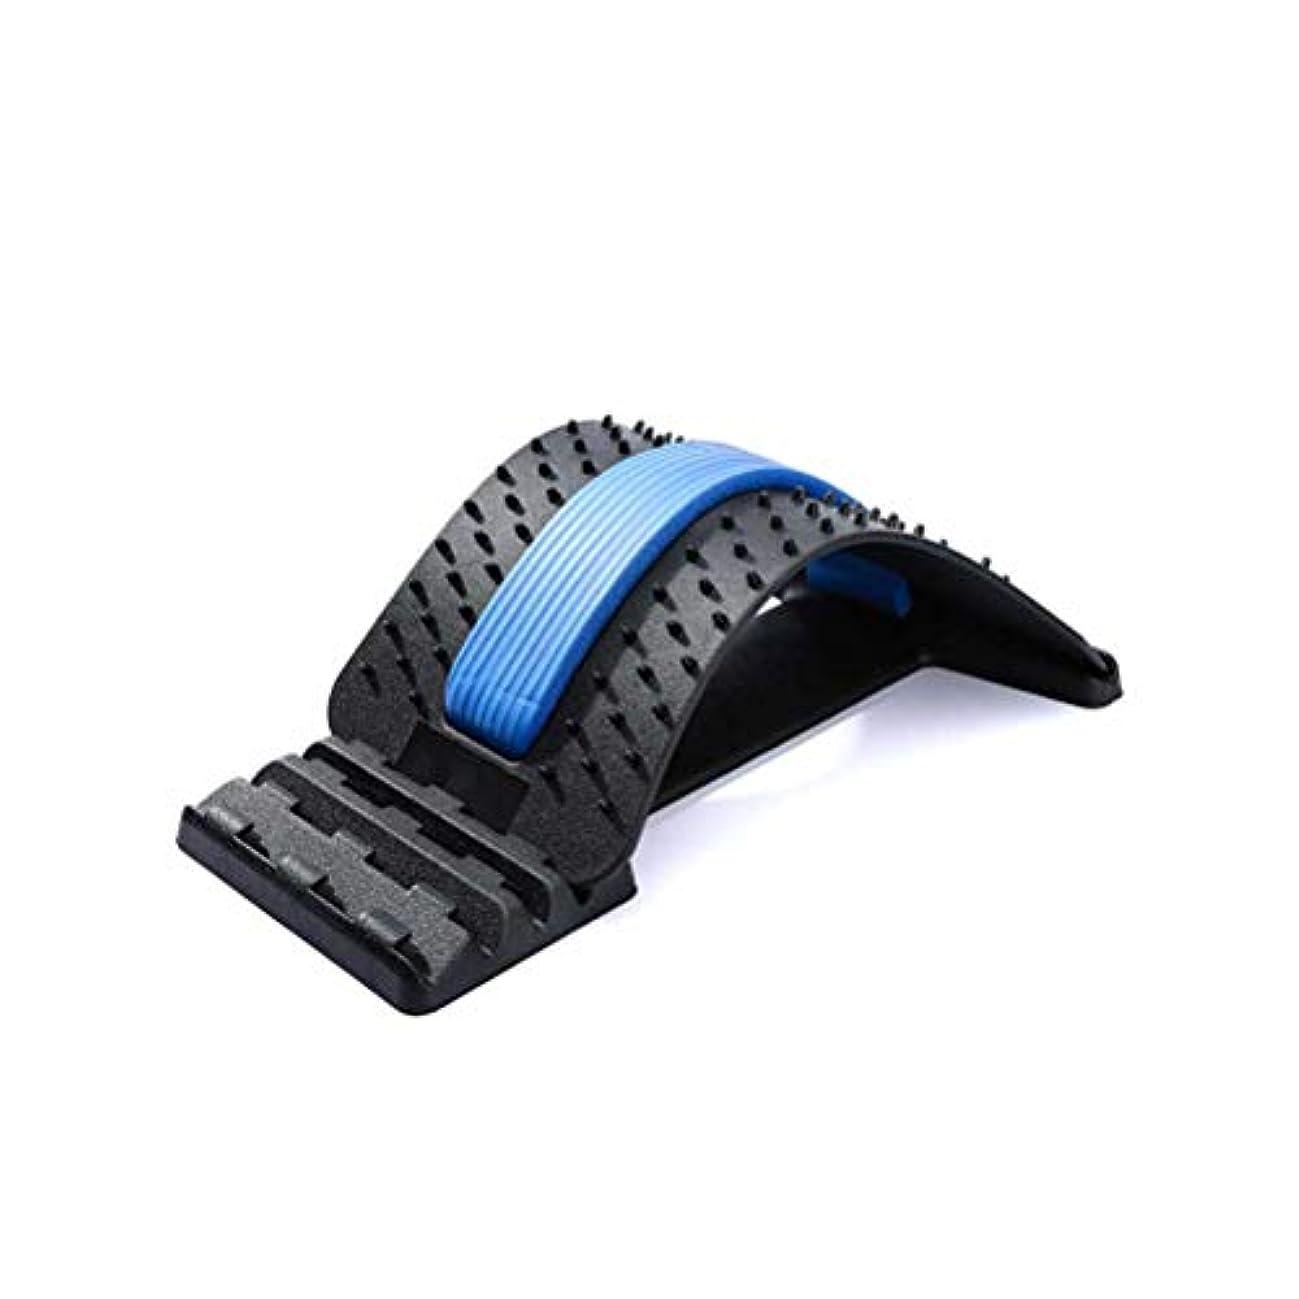 ミケランジェロ精緻化慢SUPVOXバックストレッチングデバイスバックマッサージャーランバーサポートストレッチャー脊椎の背中の痛み筋肉痛の緩和用オフィスチェア(ブラックブルー)